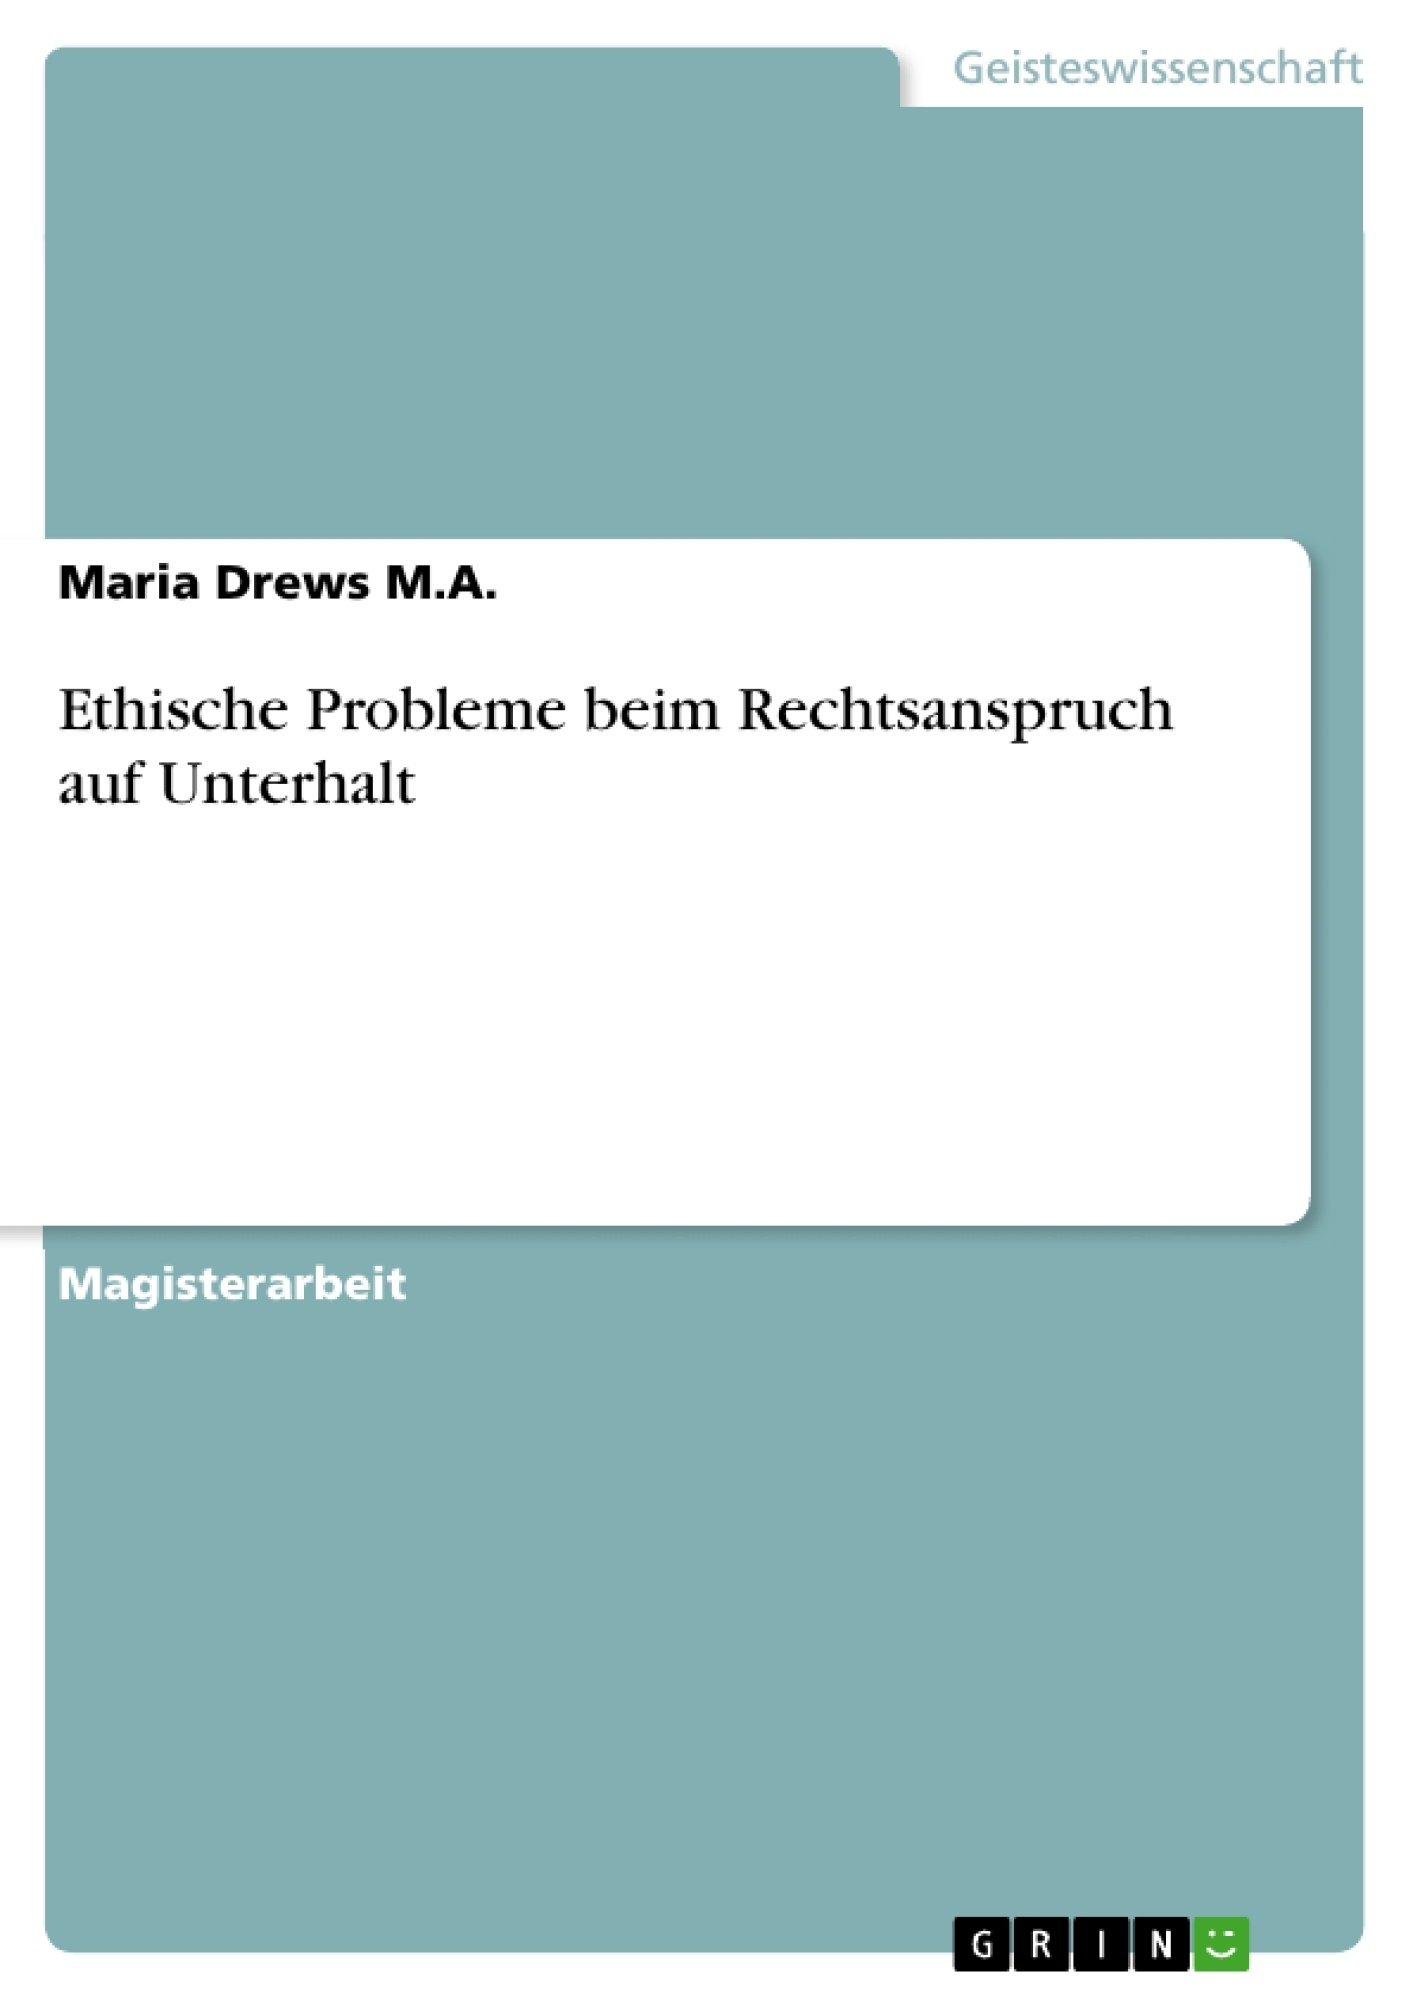 Titel: Ethische Probleme beim Rechtsanspruch auf Unterhalt